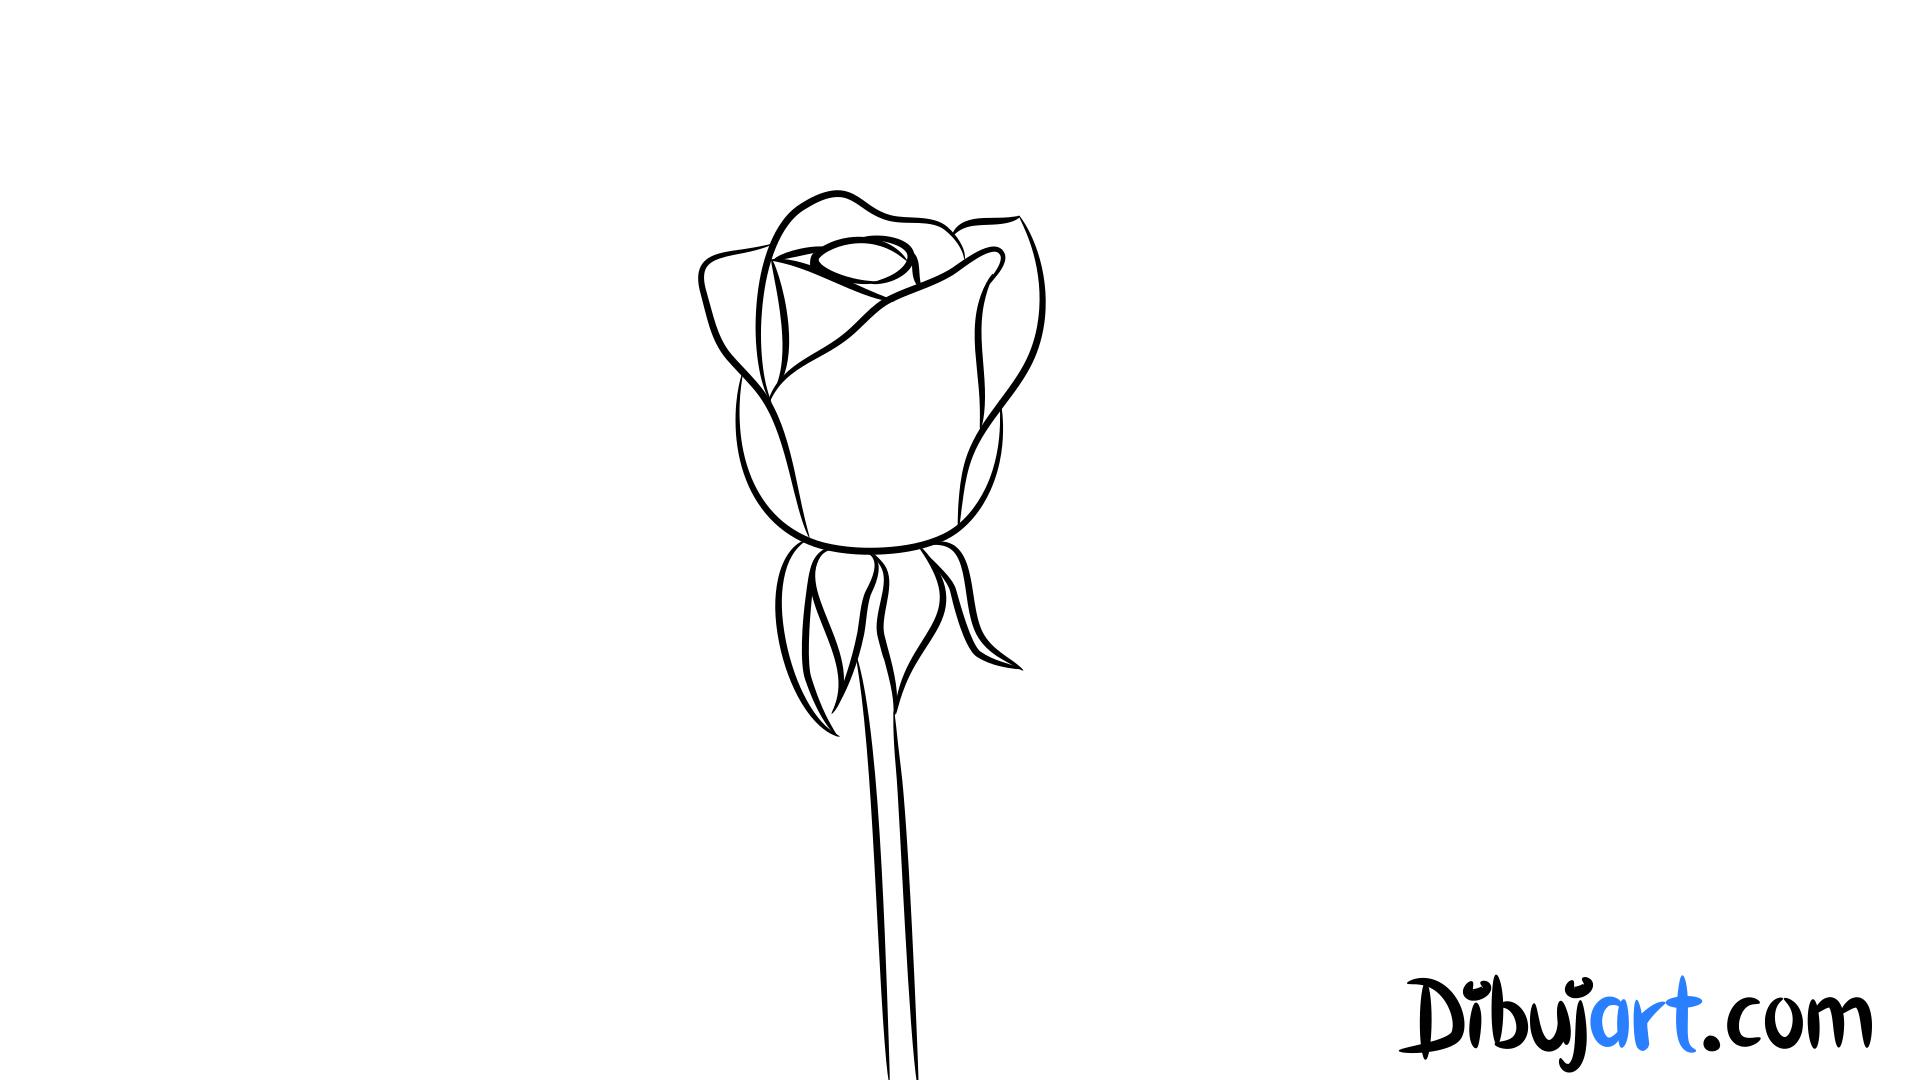 Dibujar Rosas. Trendy Corazn Y Rosas Dibujo Para Colorear